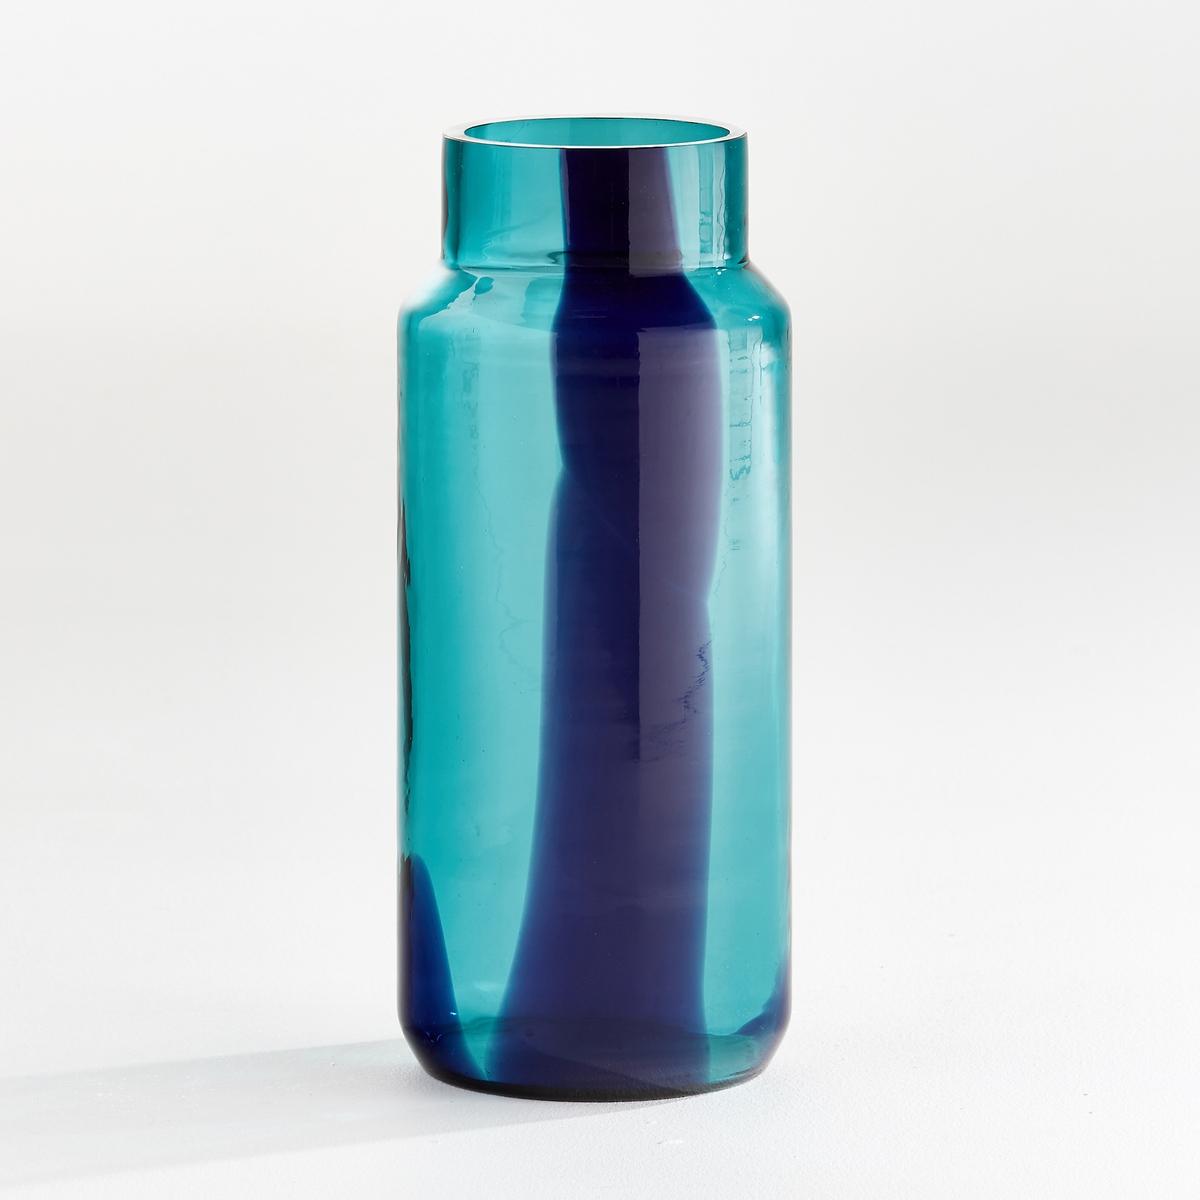 Ваза в форме бутыли, Odomar